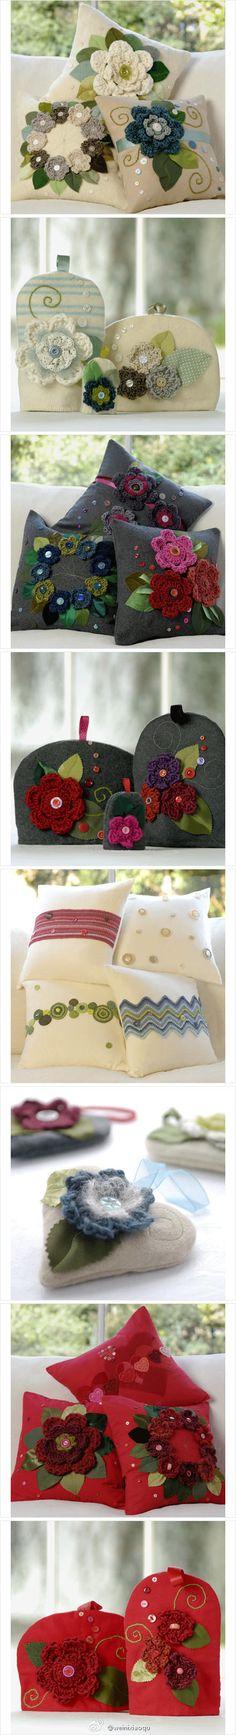 Cojines crochet y detalles decorativos